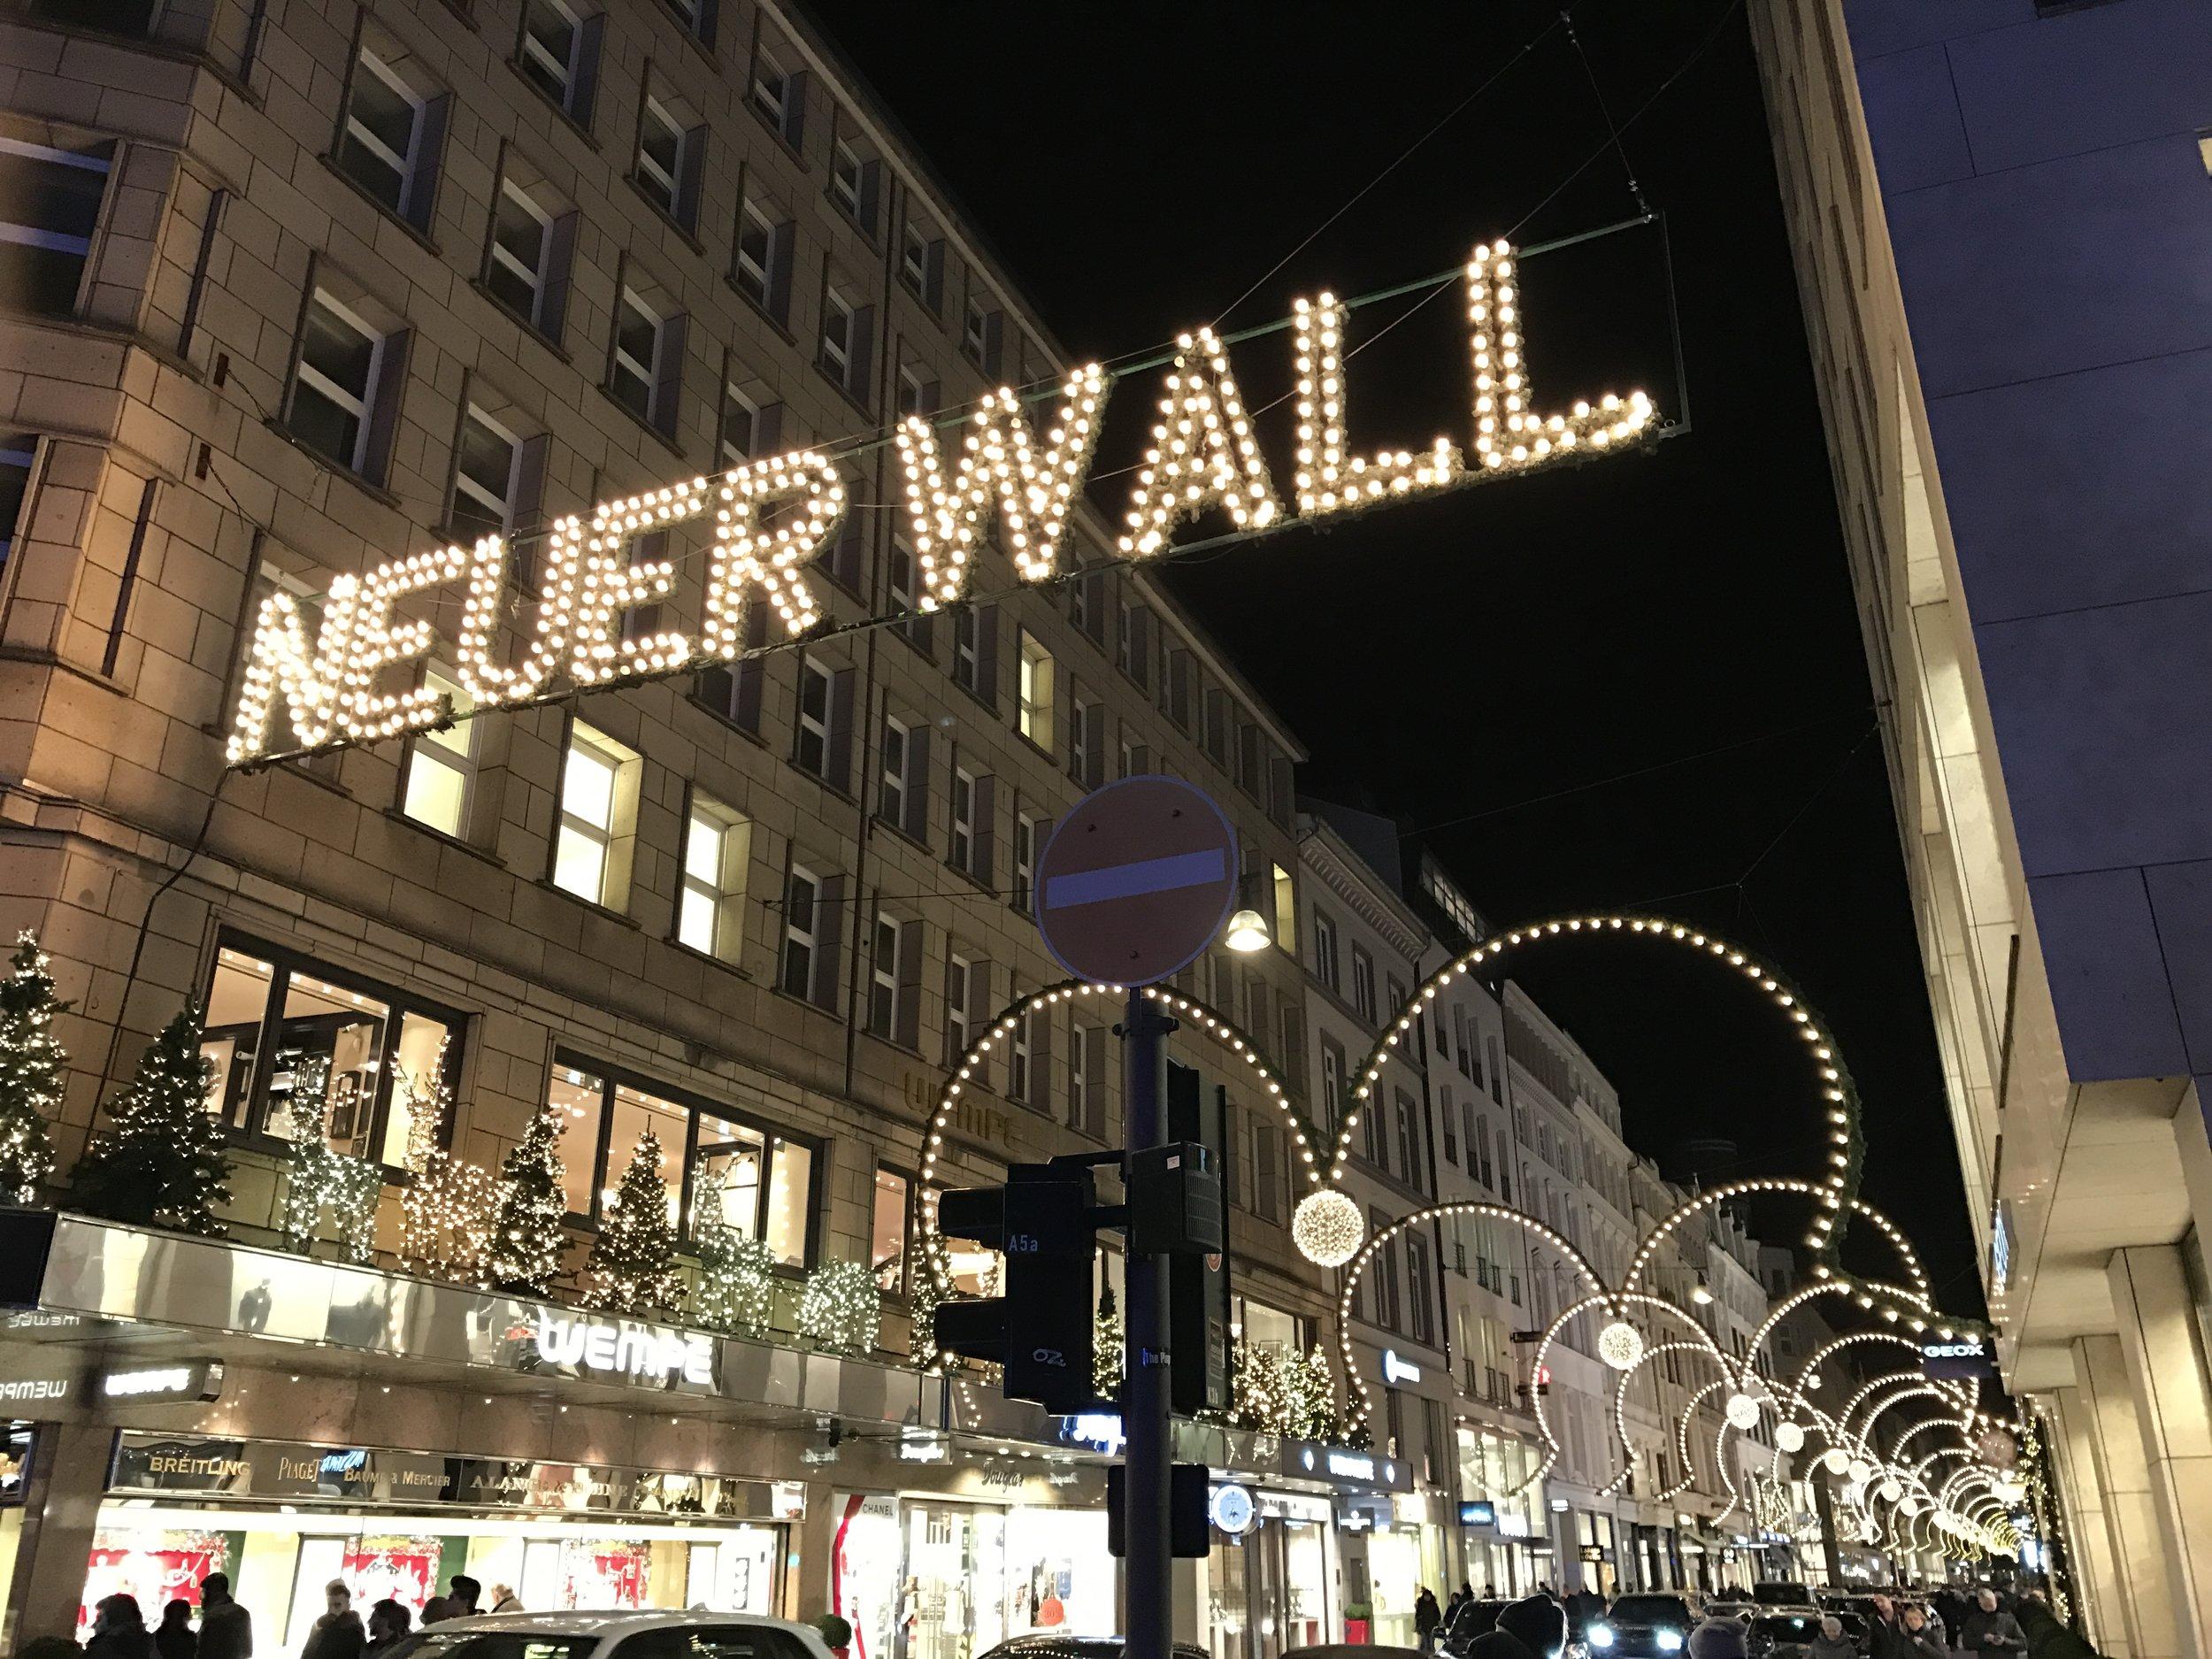 Neuer-Wall-Hamburg-Germany